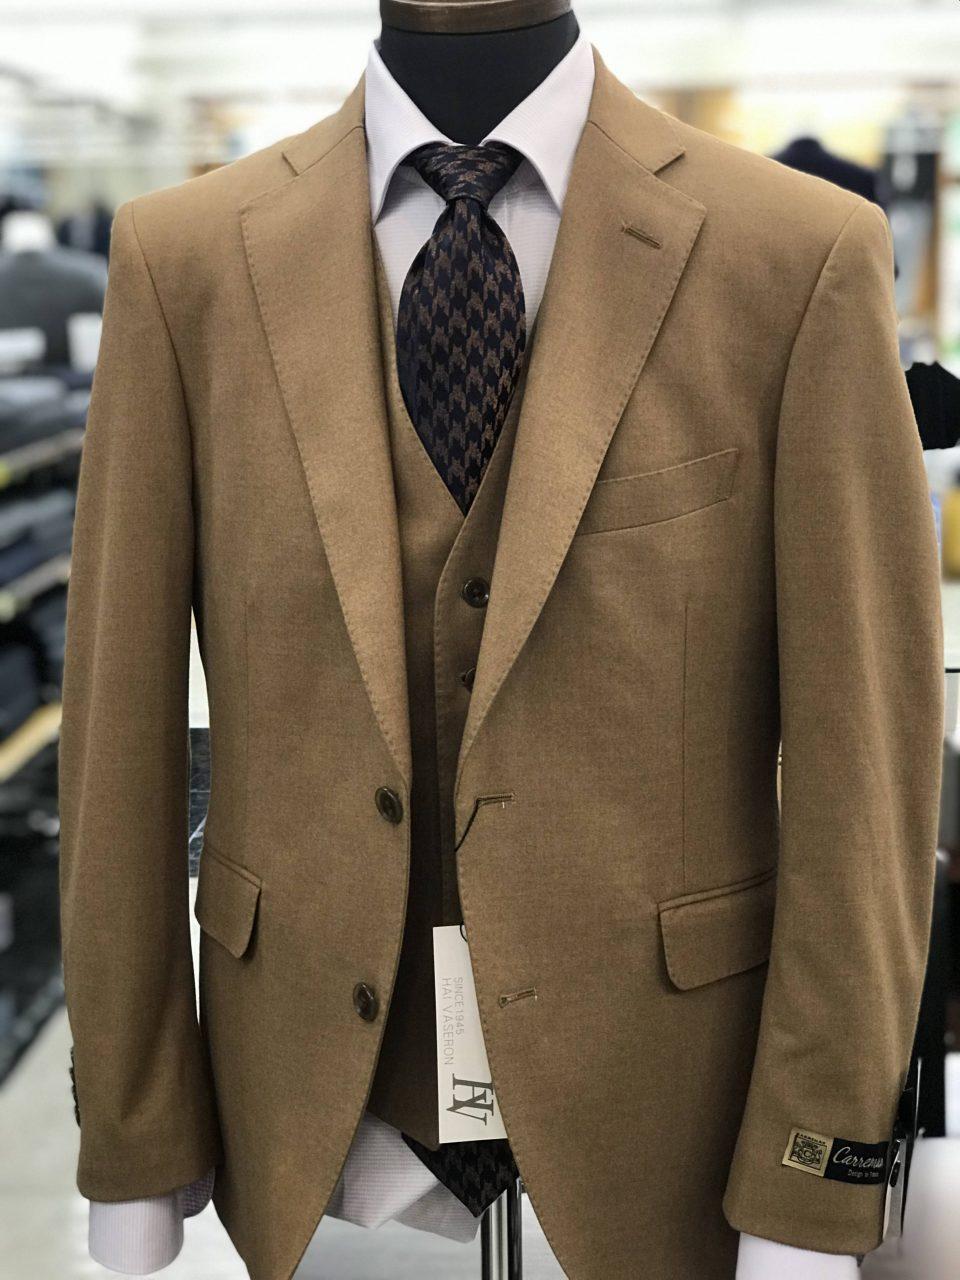 できる男を演出するスーツ